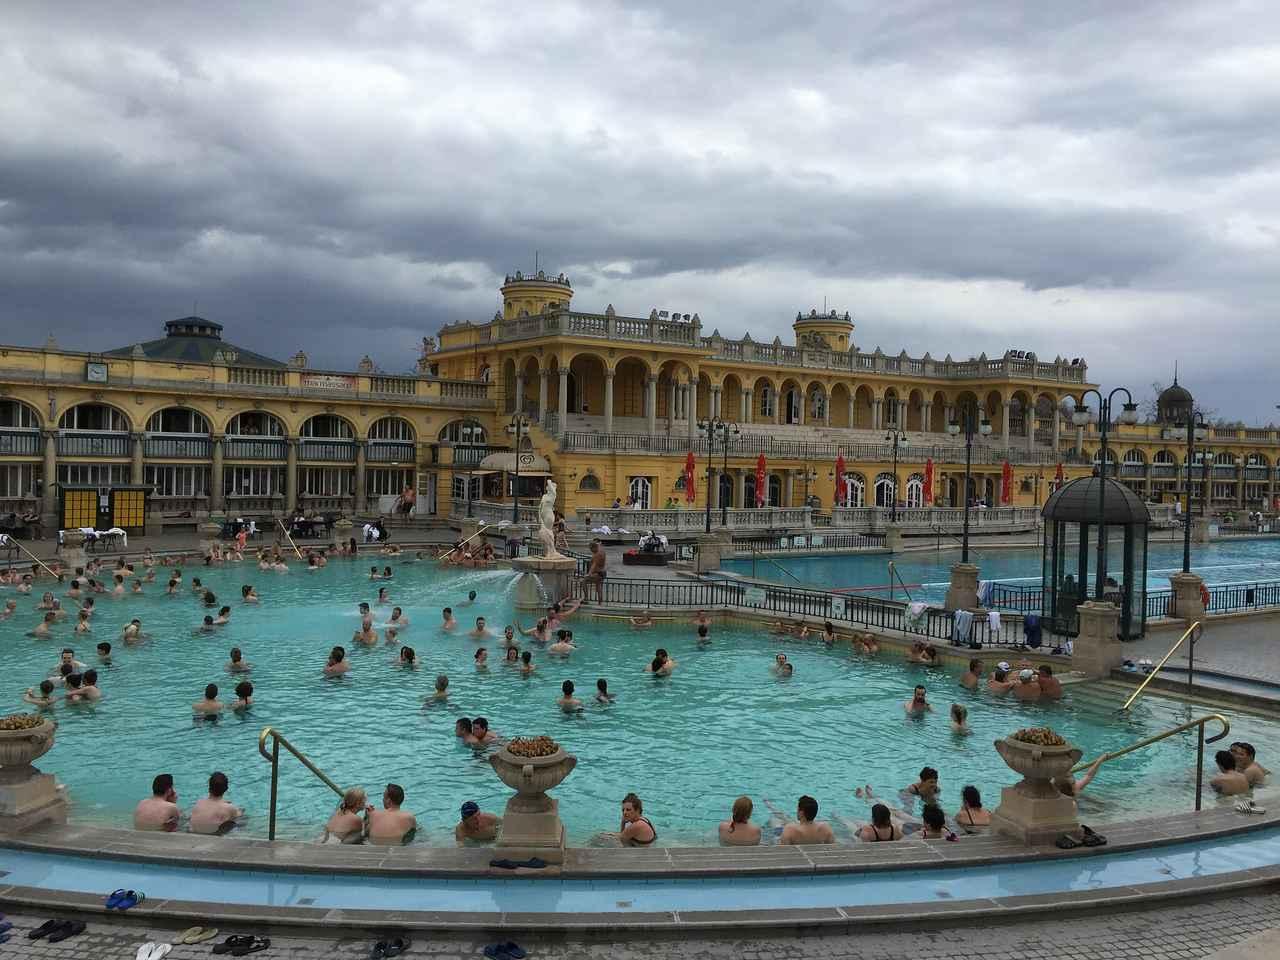 画像: セーチェニ温泉ではチェスに興じたり市民の憩いの場となっている(イメージ)